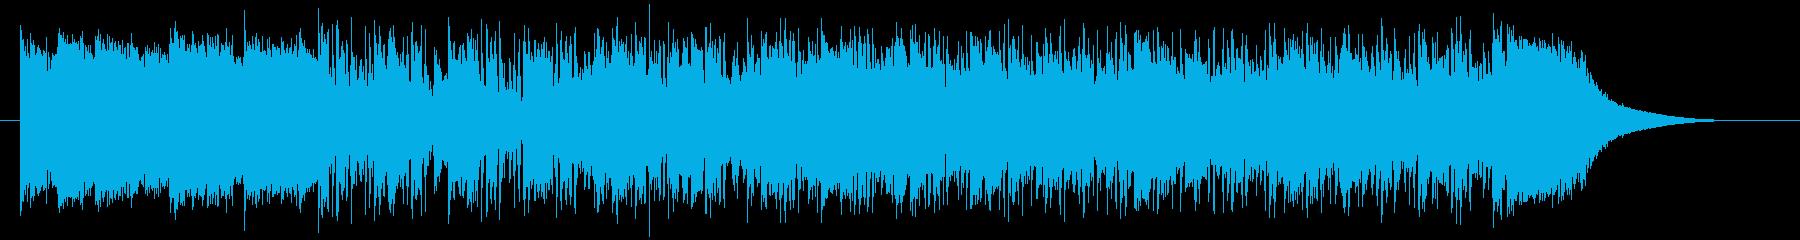 ファンキー&ファンタジックシンセサウンドの再生済みの波形